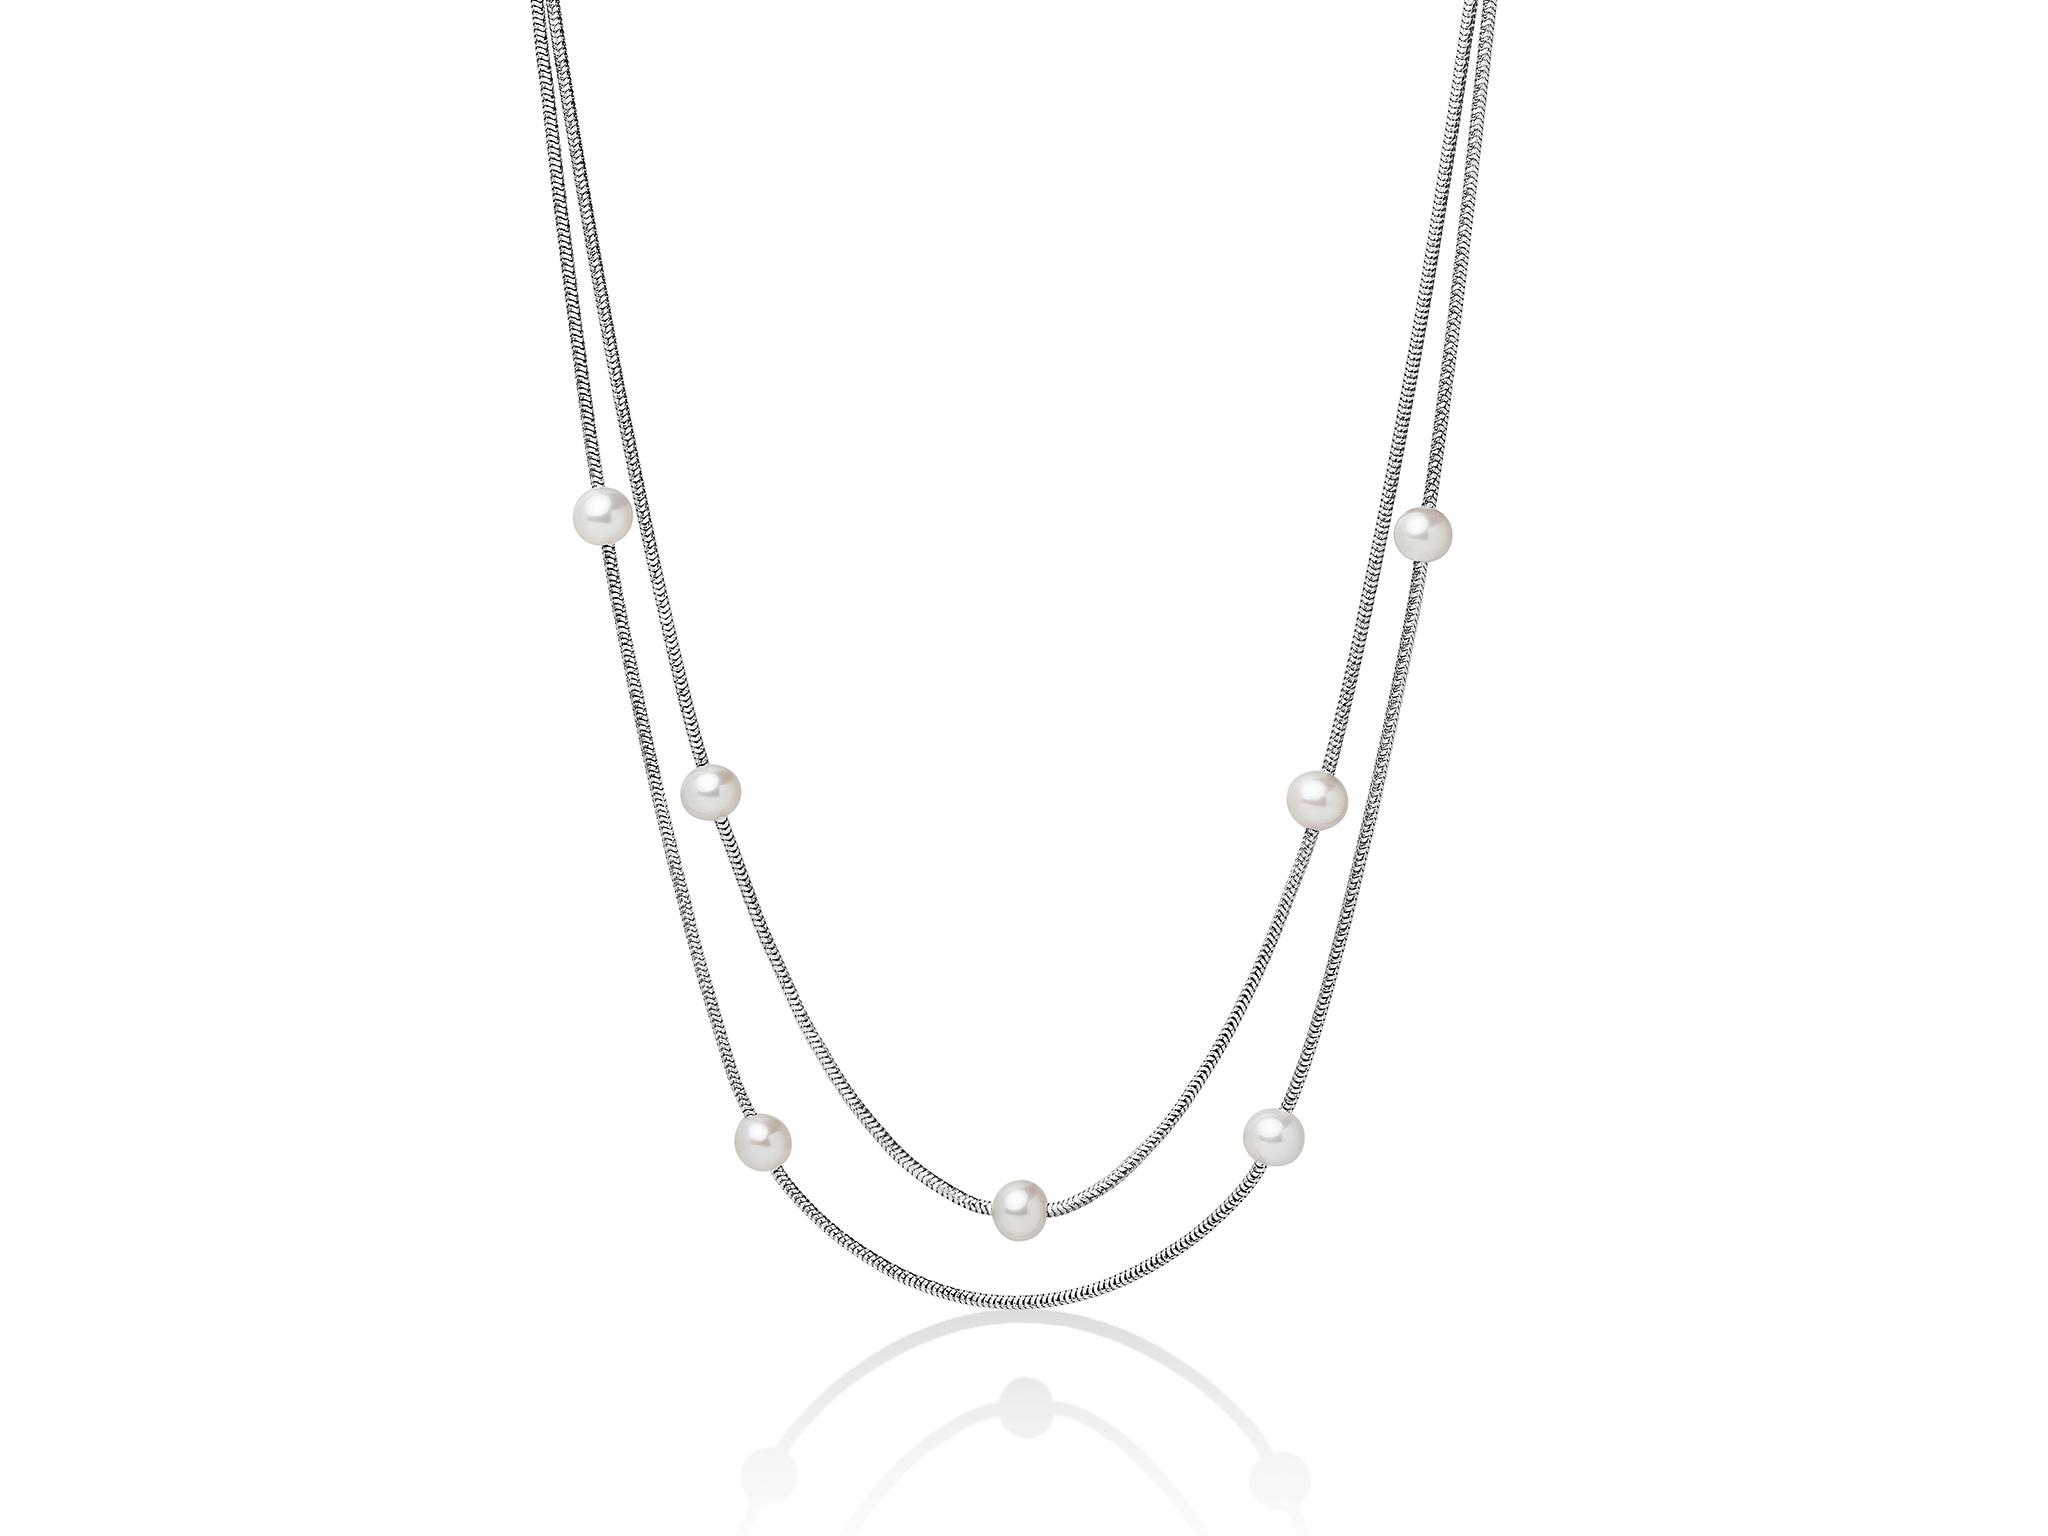 Collana con fili in argento e perle. - PCL5625